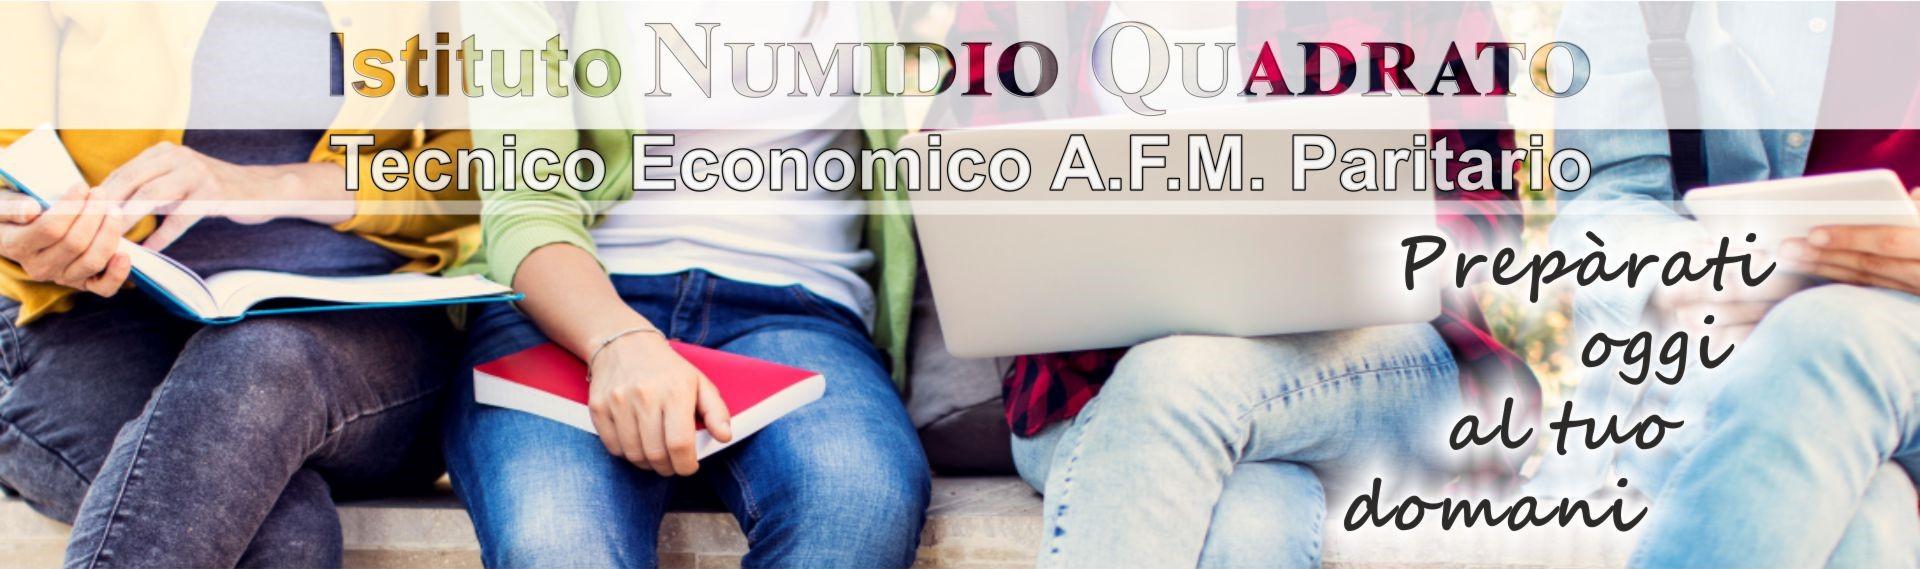 Scuola privata paritaria a Roma: Istituto Tecnico Economico Numidio Quadrato